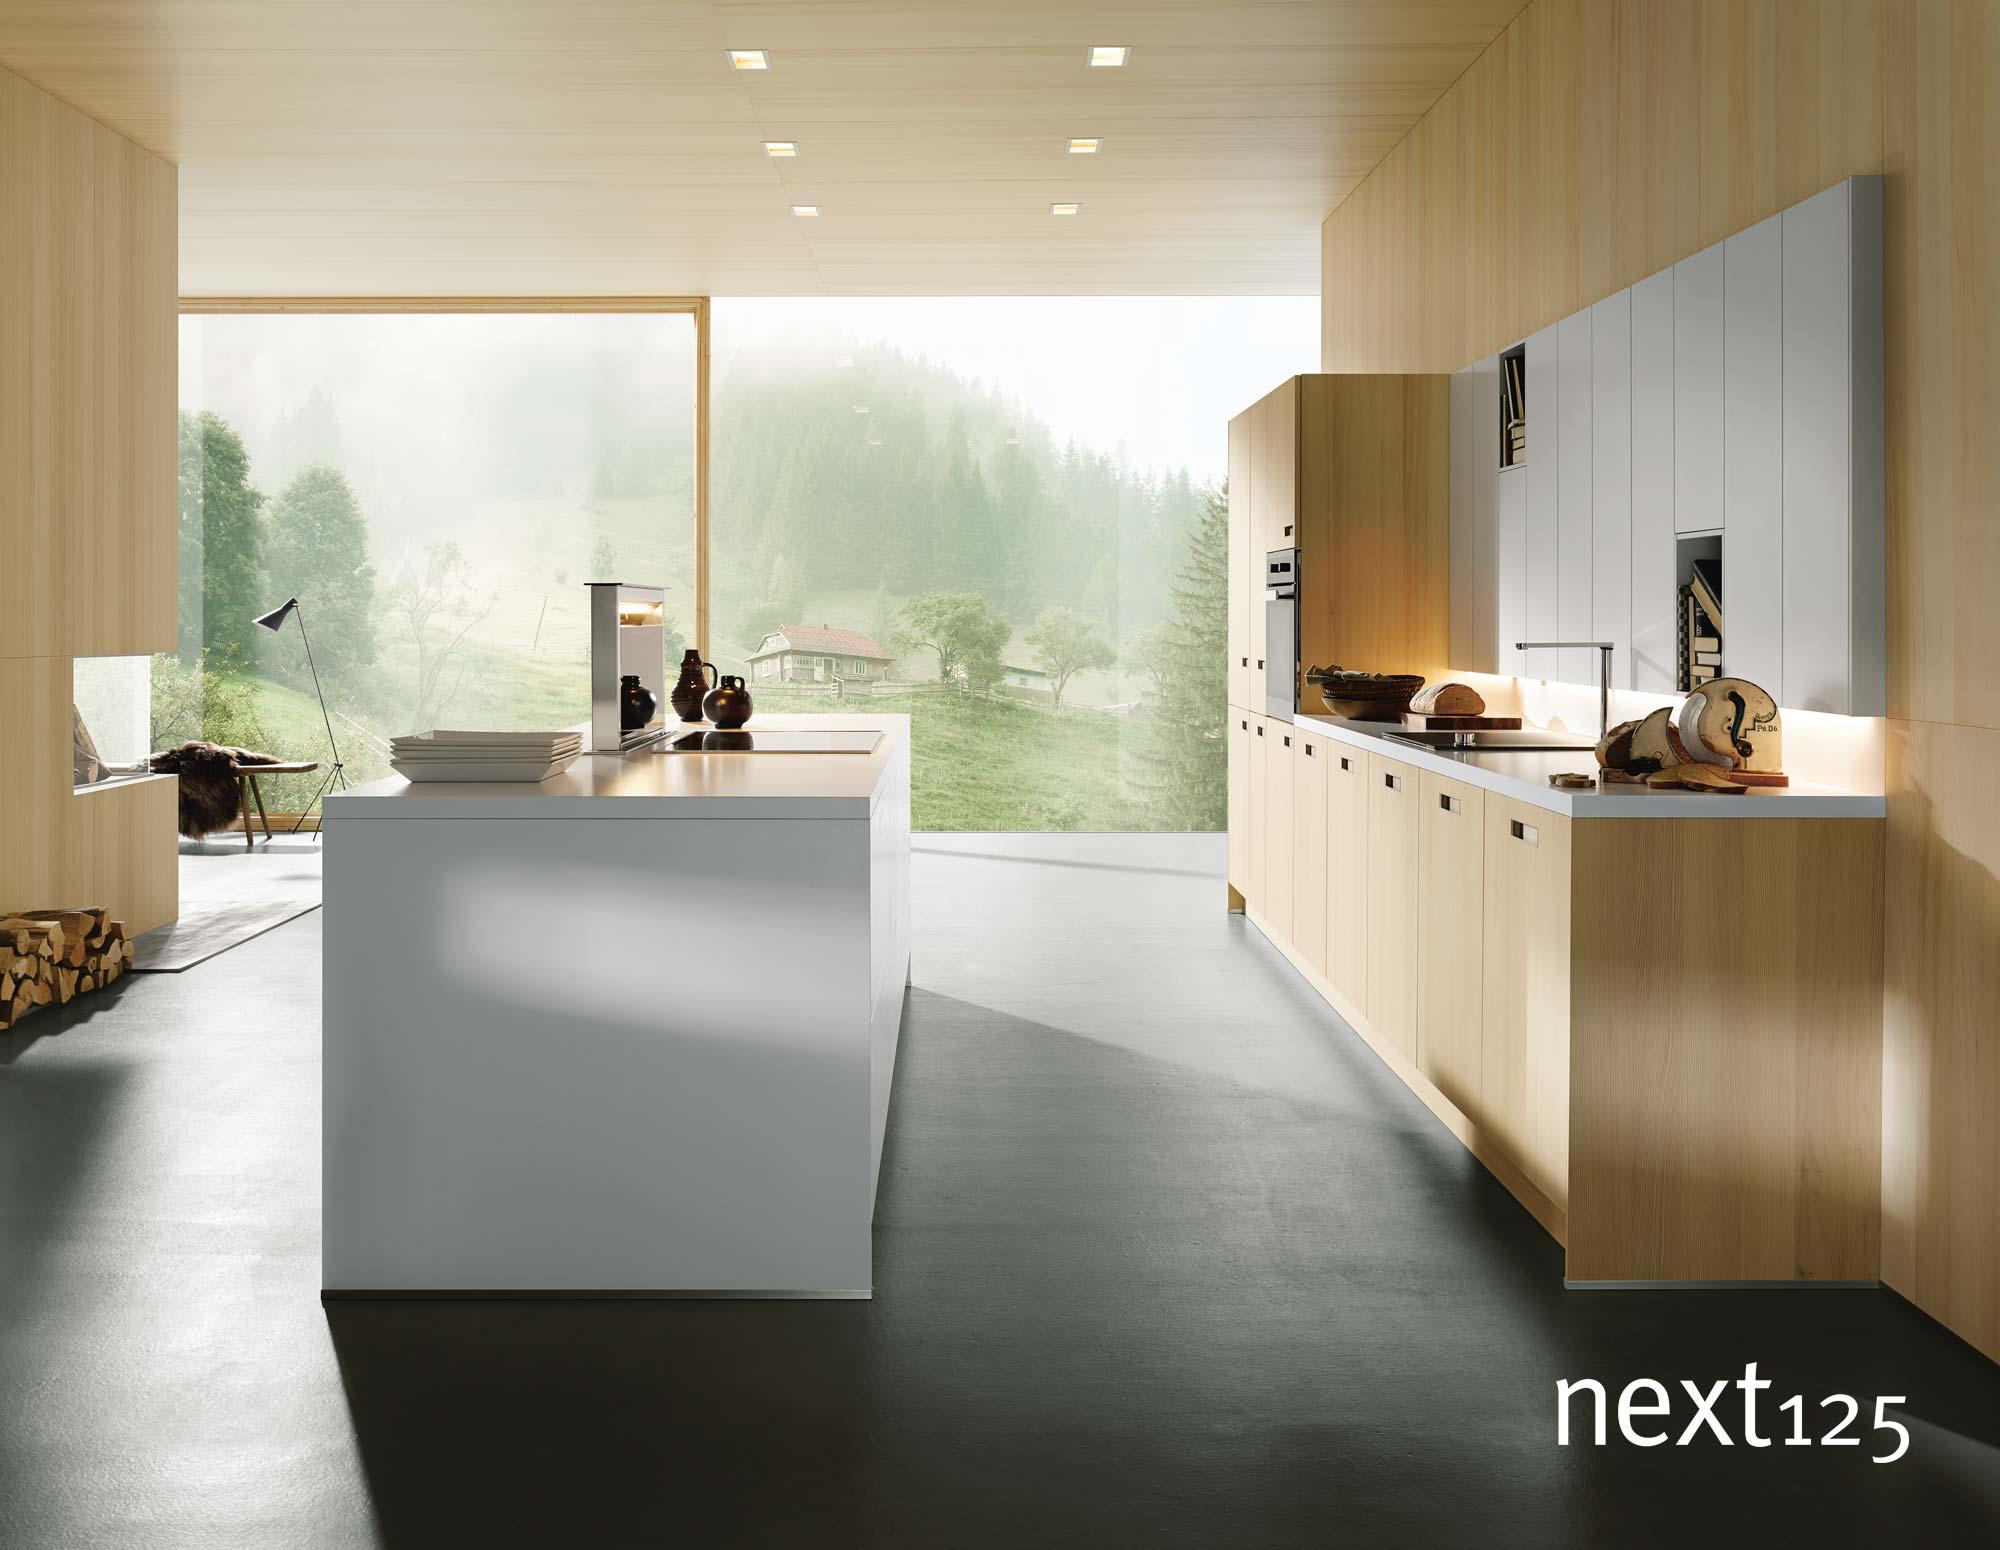 next125 Küche Holz-Front nx620 in Tanne natur gebürstet